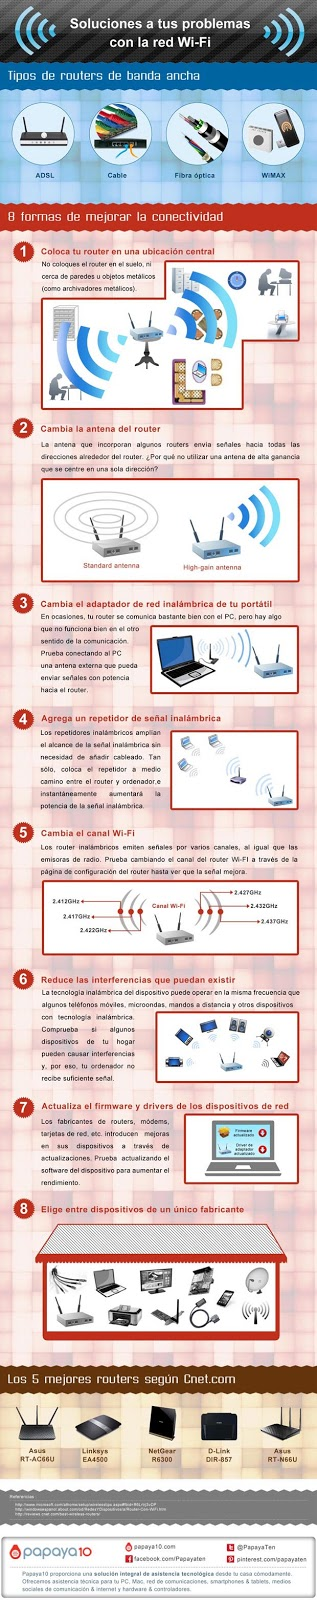 Formas de mejorar la conectividad en tu Wi-Fi